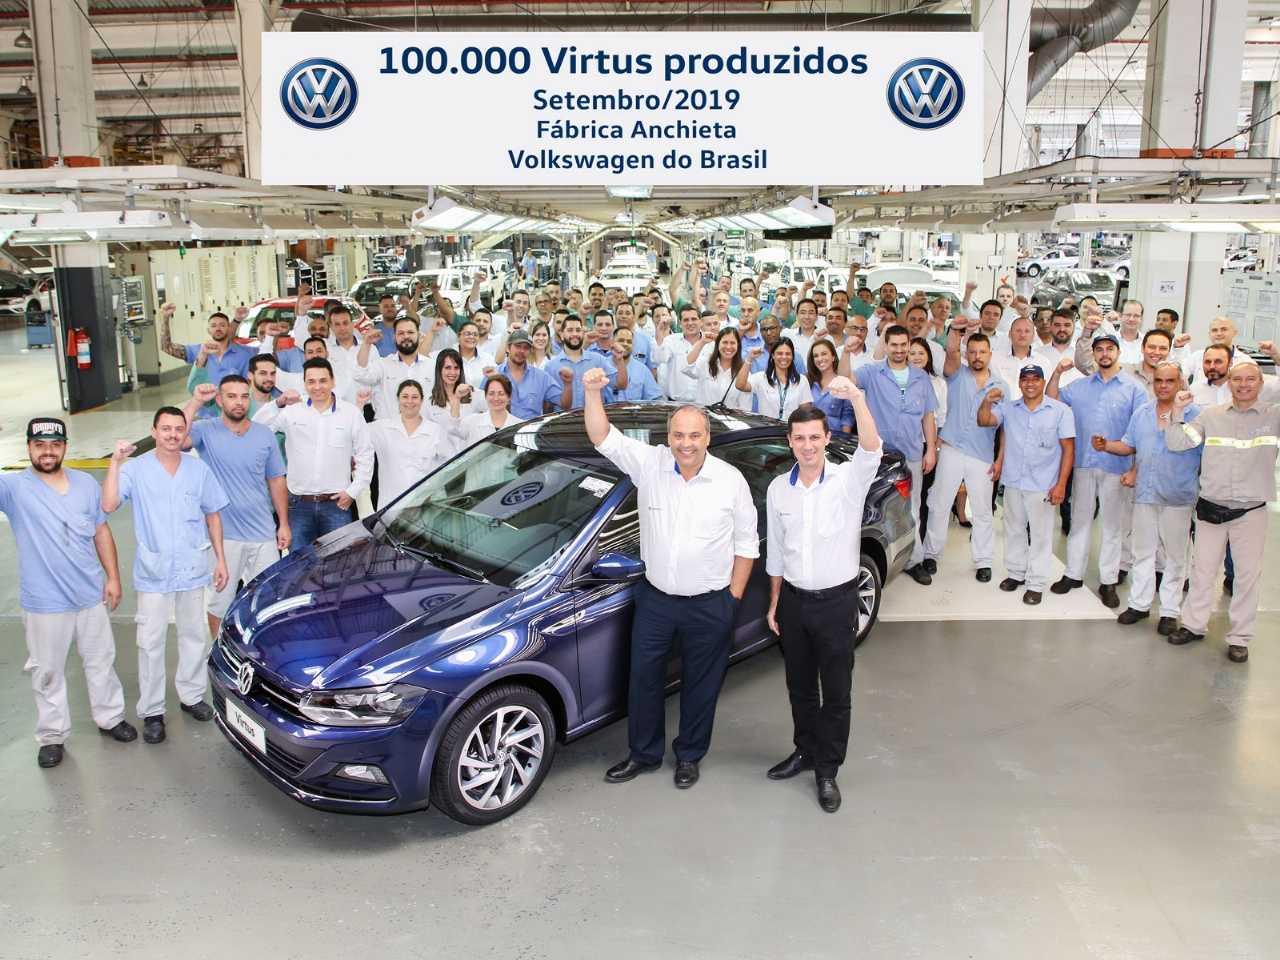 O Virtus chegou à marca de 100 mil unidades 18 meses após seu lançamento